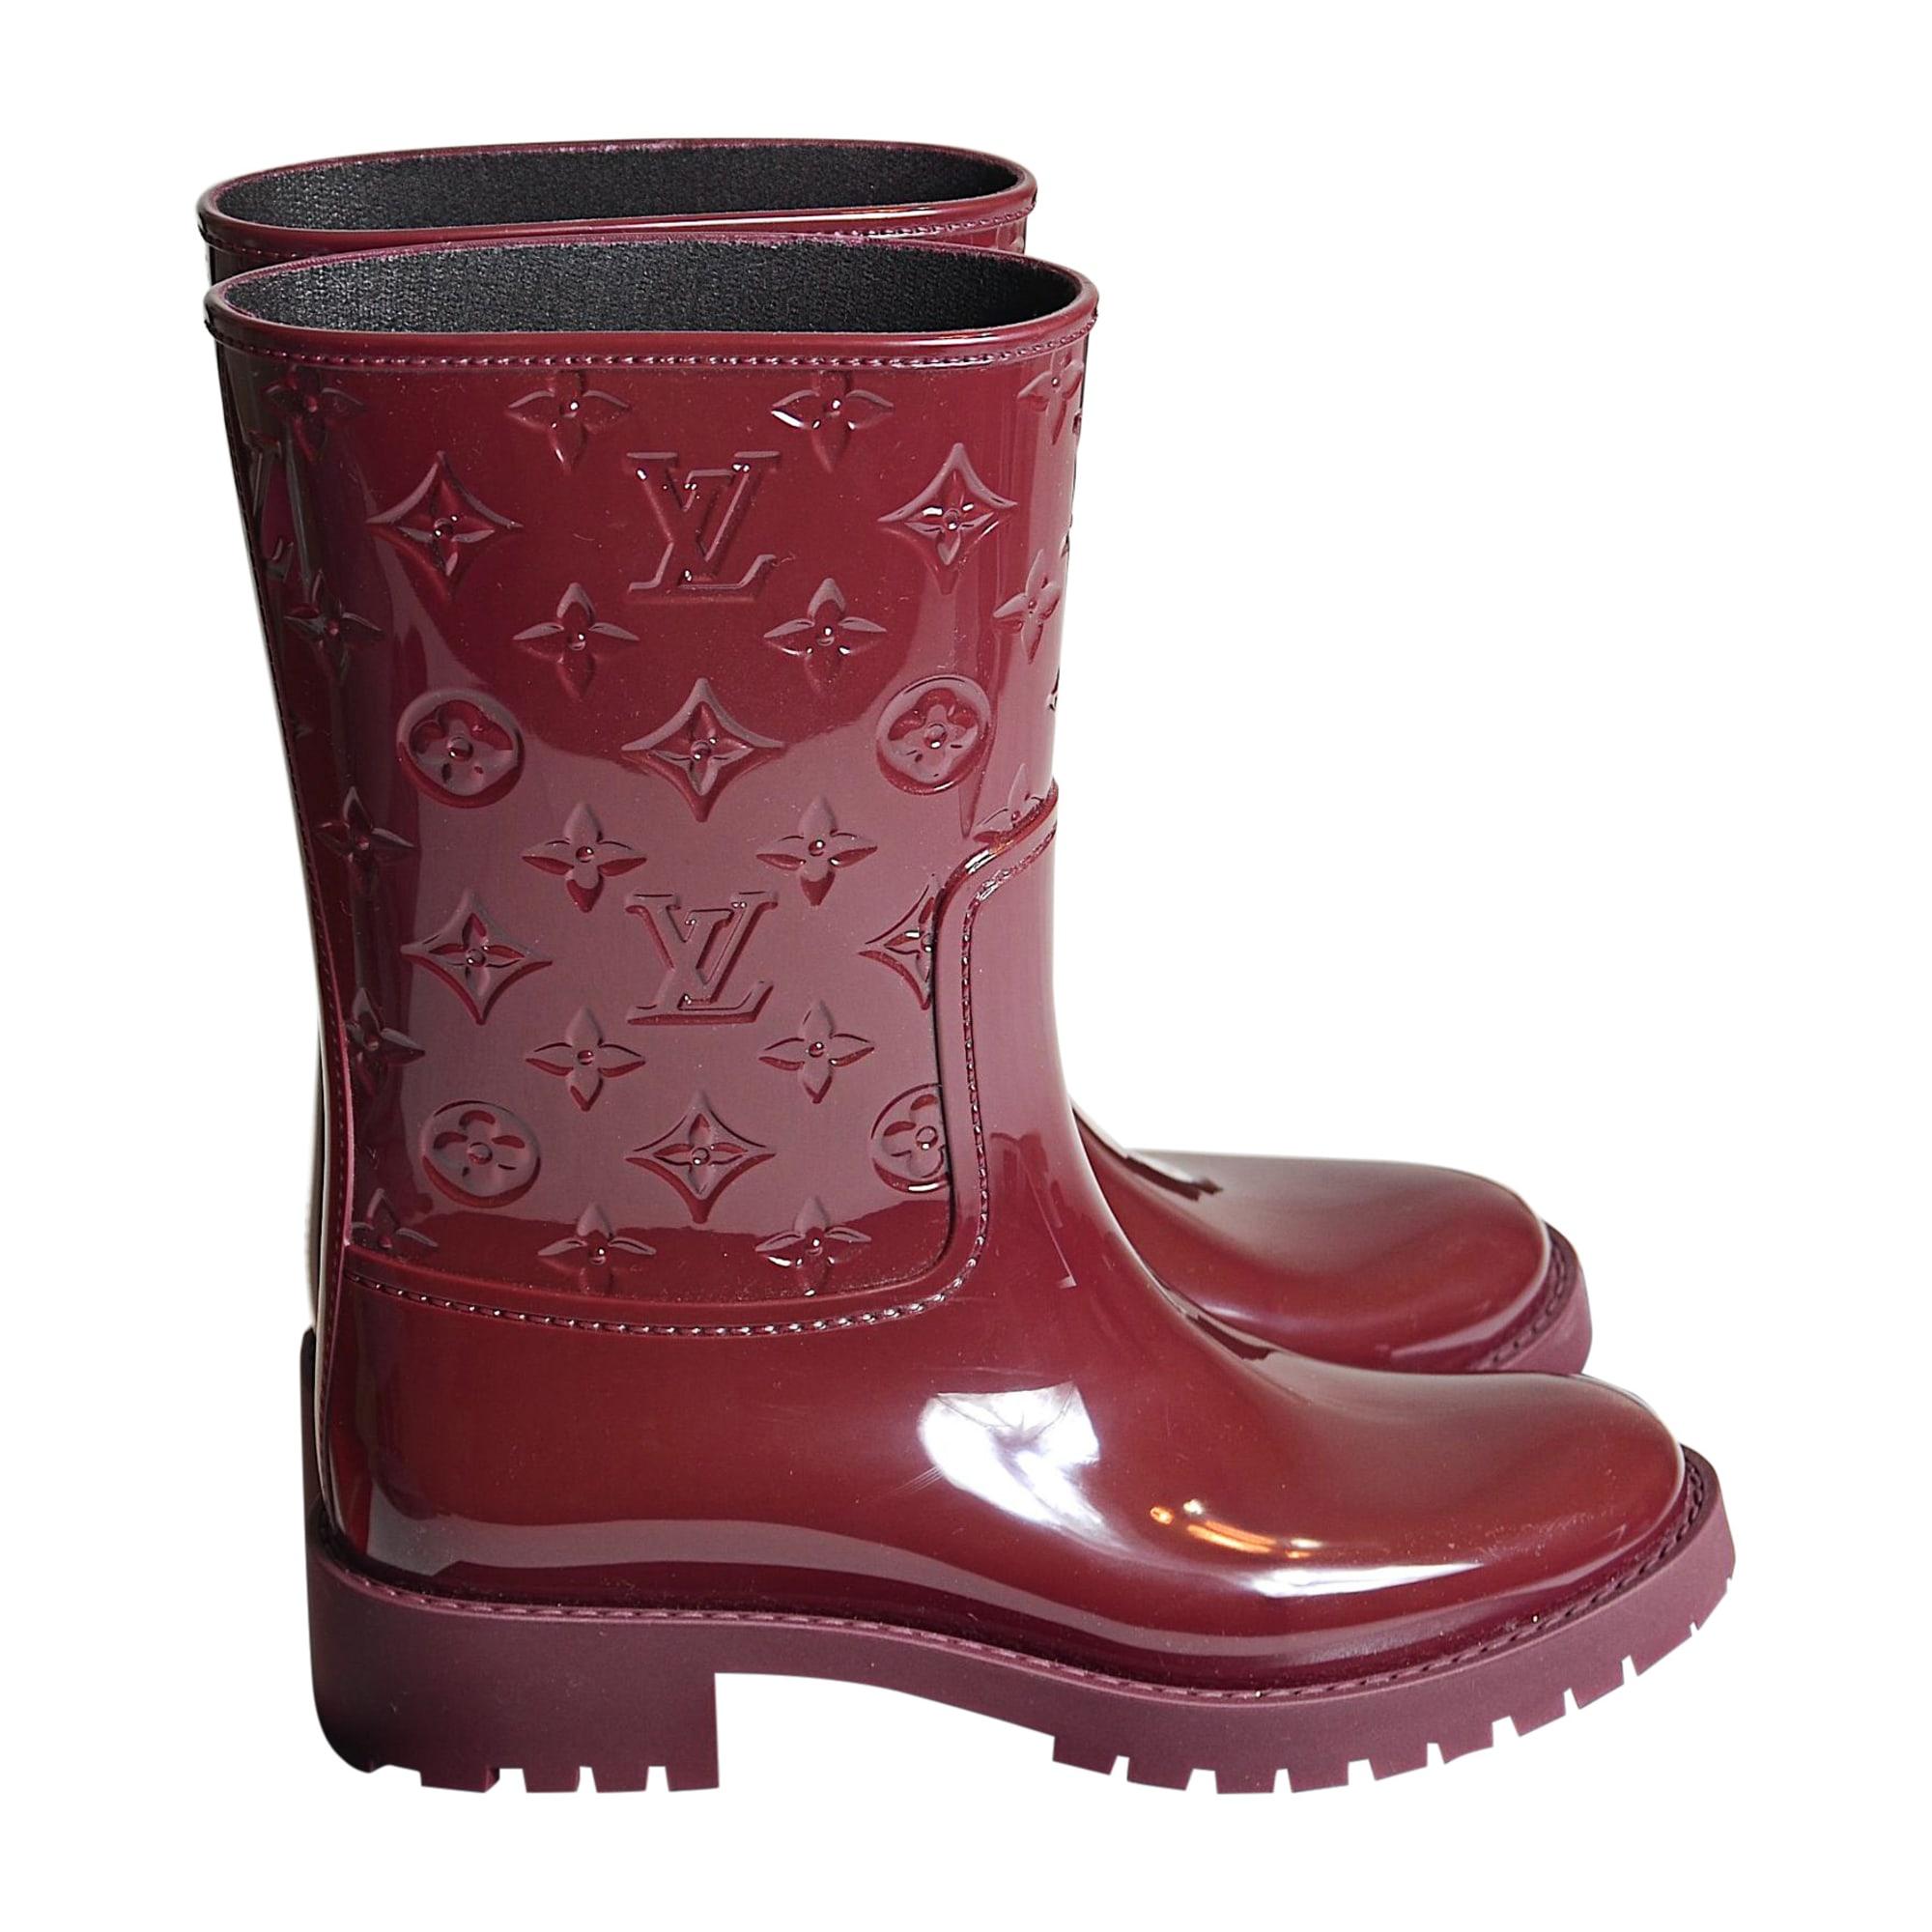 Bottes de pluie LOUIS VUITTON 41 rouge - 8320091 45910dad59c